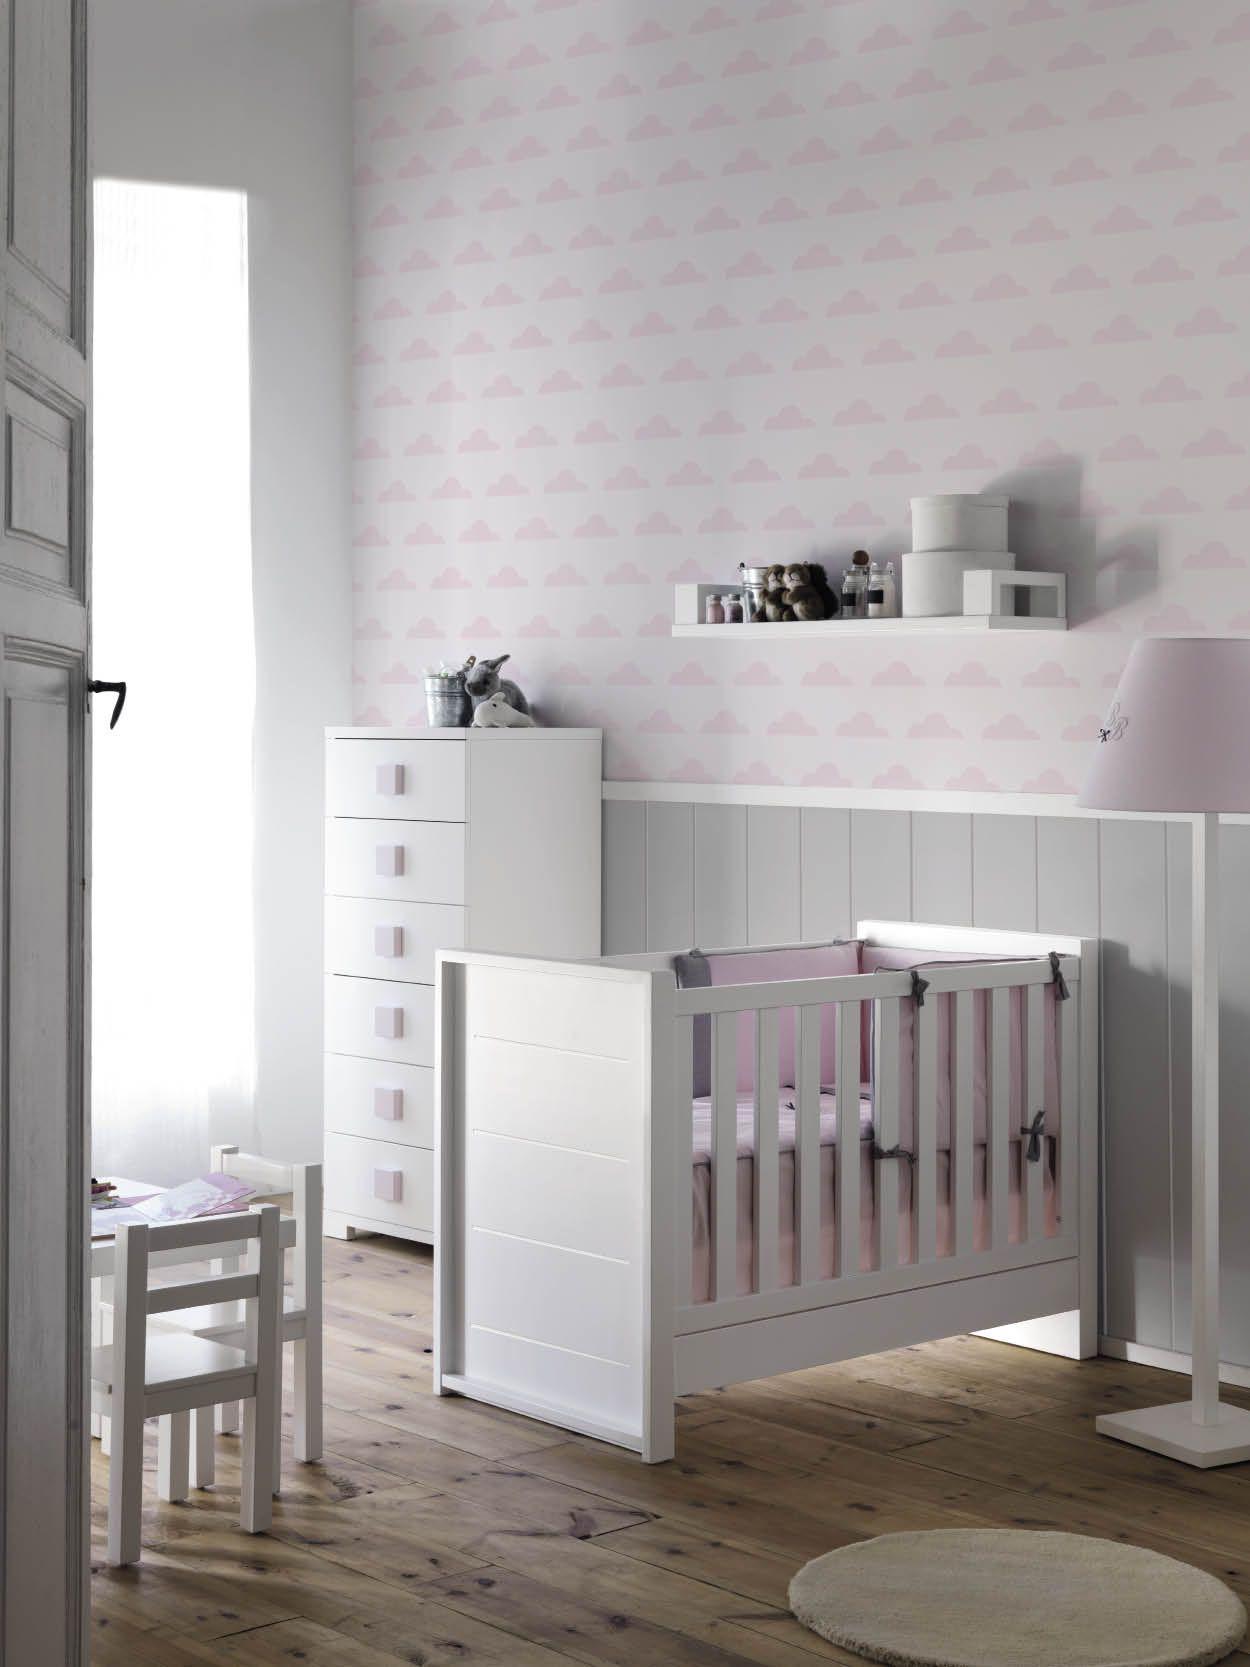 Cunas de madera para bebés #decoracion #blancas #nordica | Baby ...